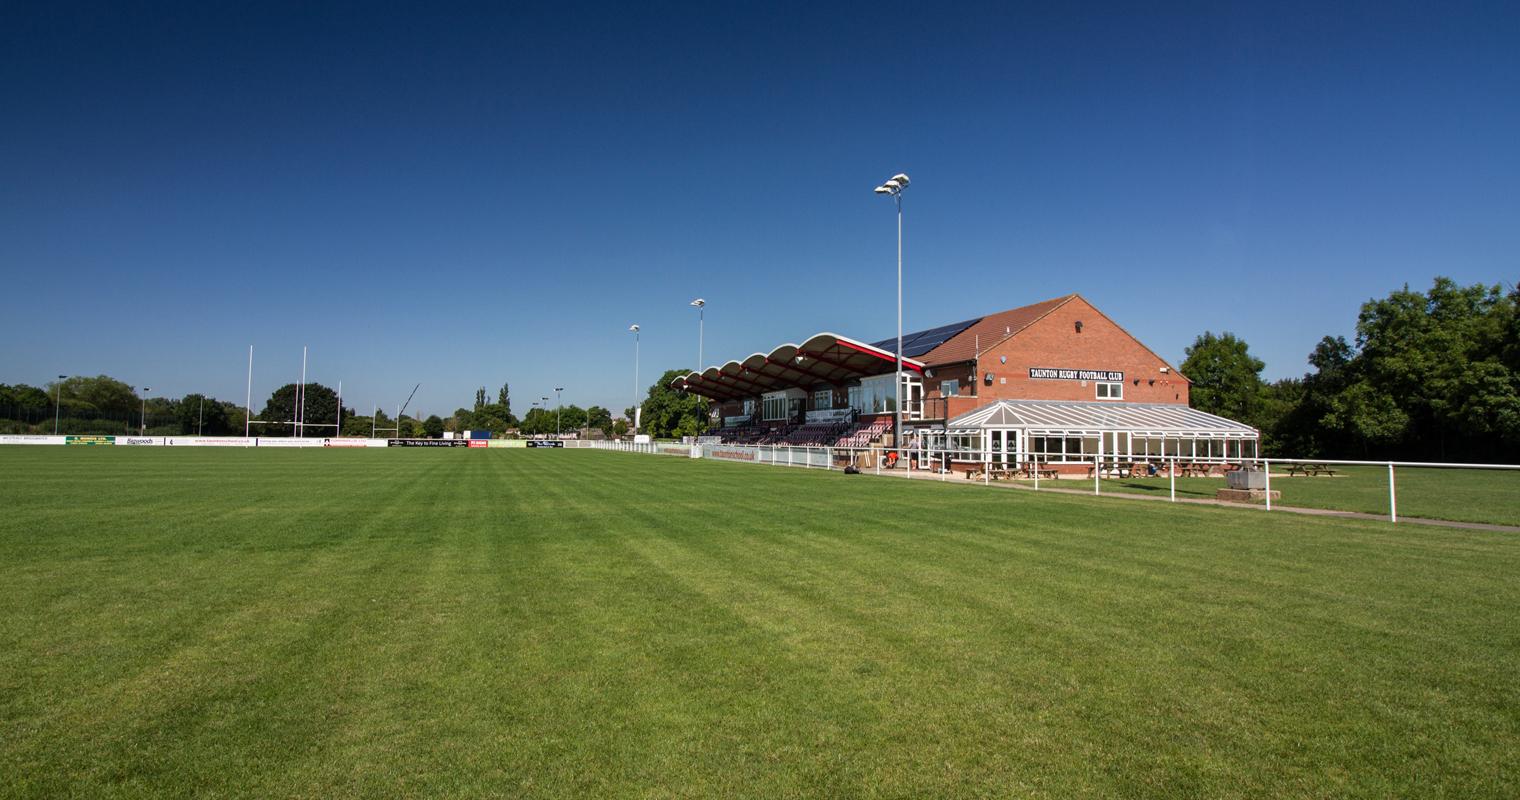 Taunton Rugby Club